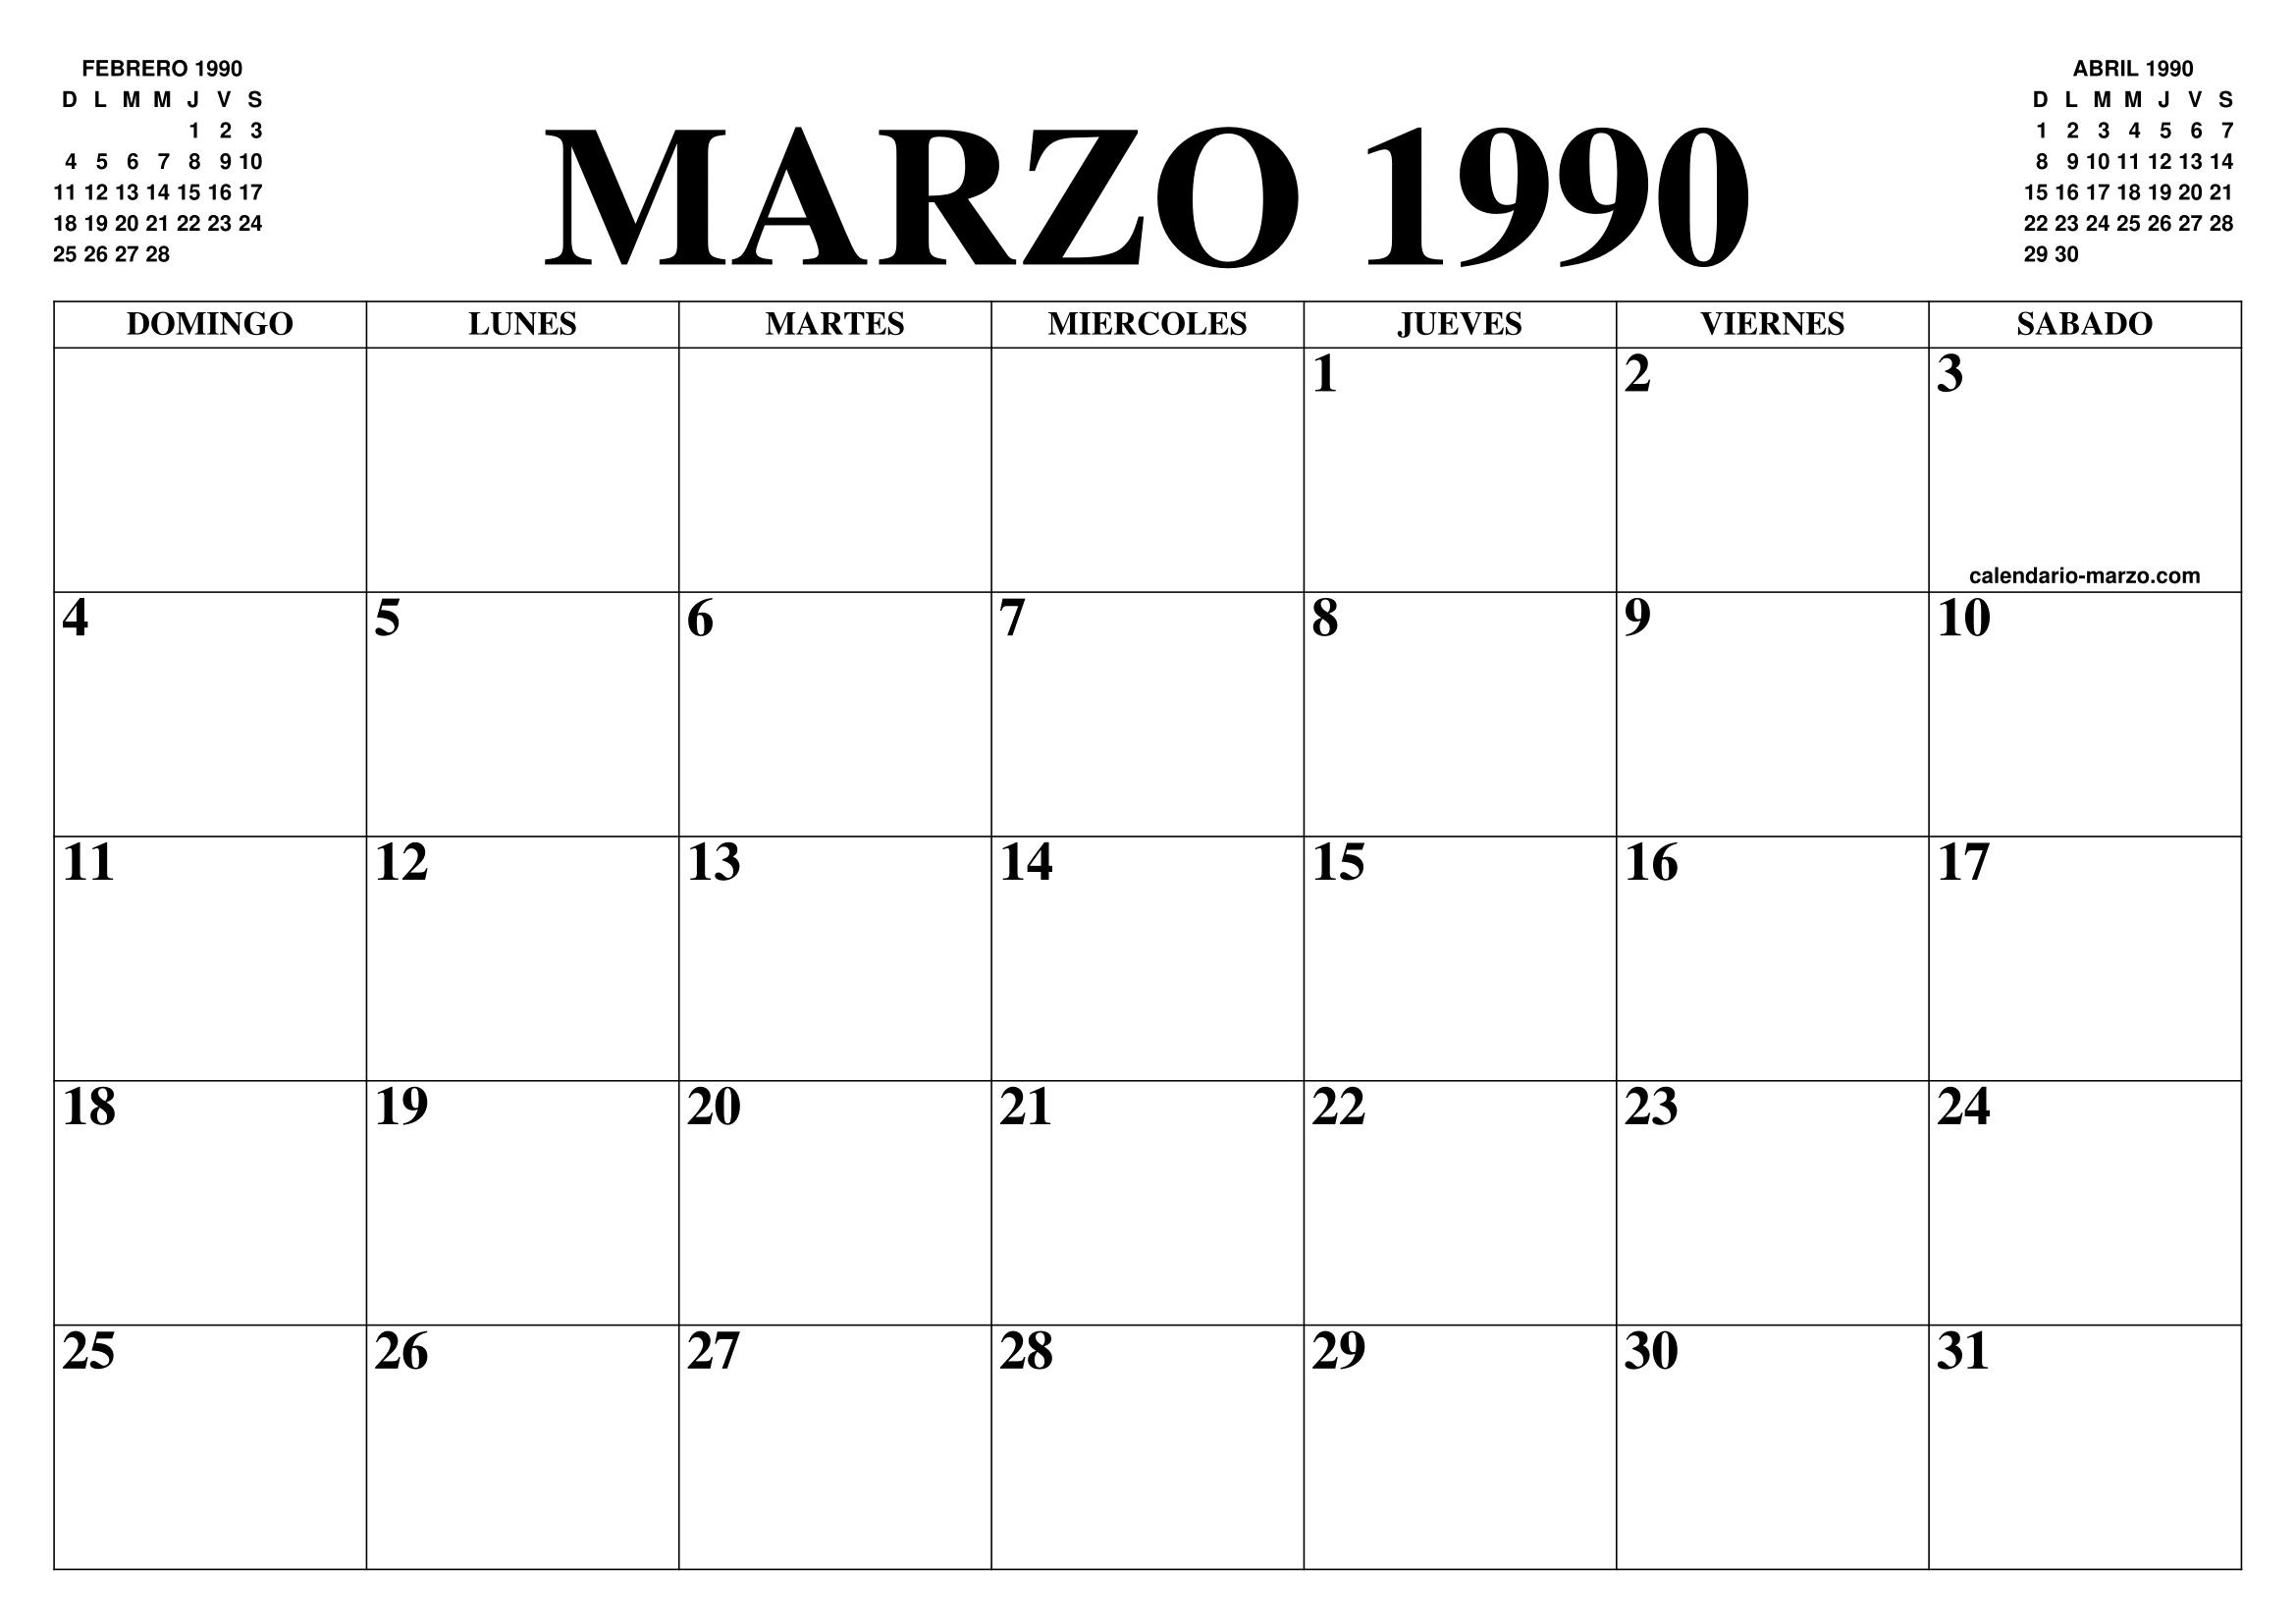 1990 Calendario.Calendario Marzo 1990 El Calendario Marzo Para Imprimir